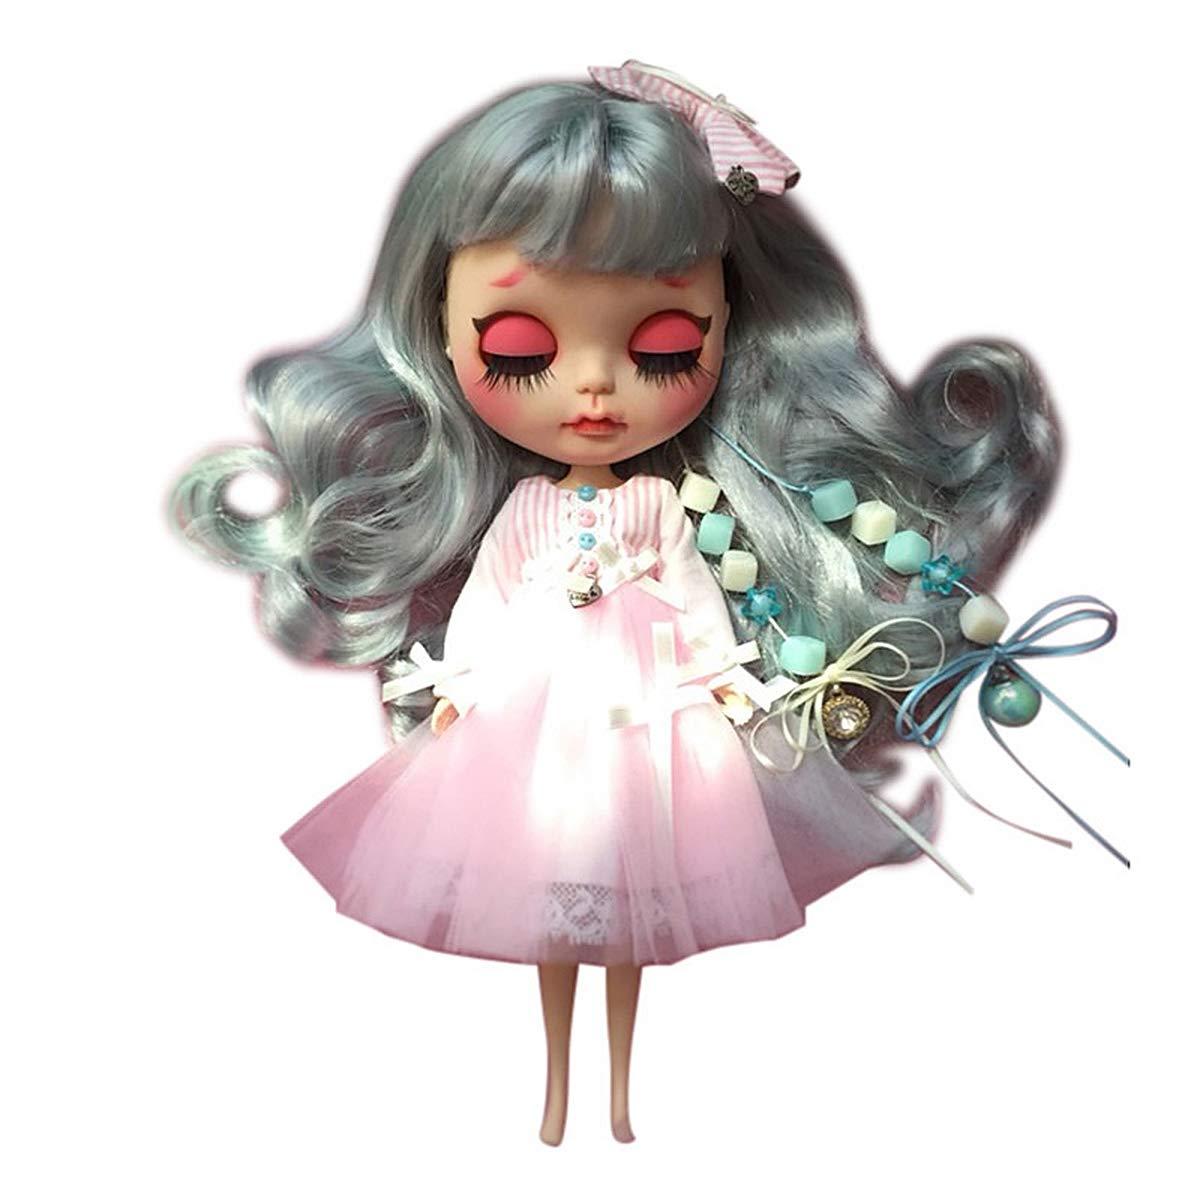 4 Colori Occhi Diverse Mani Libere per Cambiare Capelli Blu Puppe per Collezione Adulti,dressset1,7joints Aegilmc Bambola Snodata BJD Trucco Viso Mini Blythe Icy Dolly Snodate Abito Carino